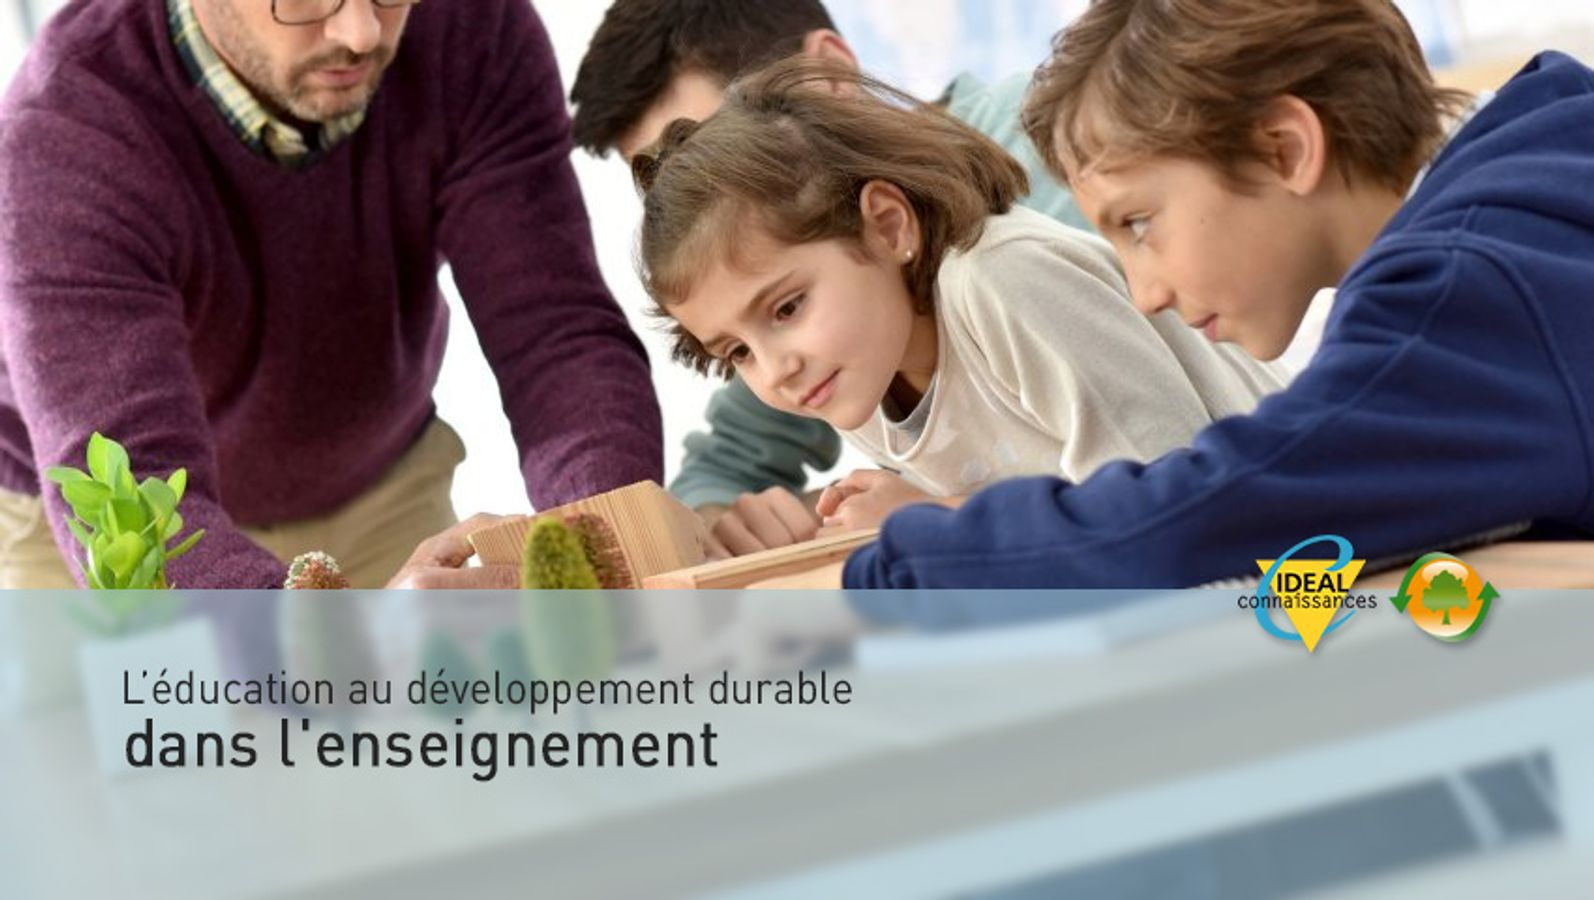 L'éducation au développement durable dans les établissements scolaires